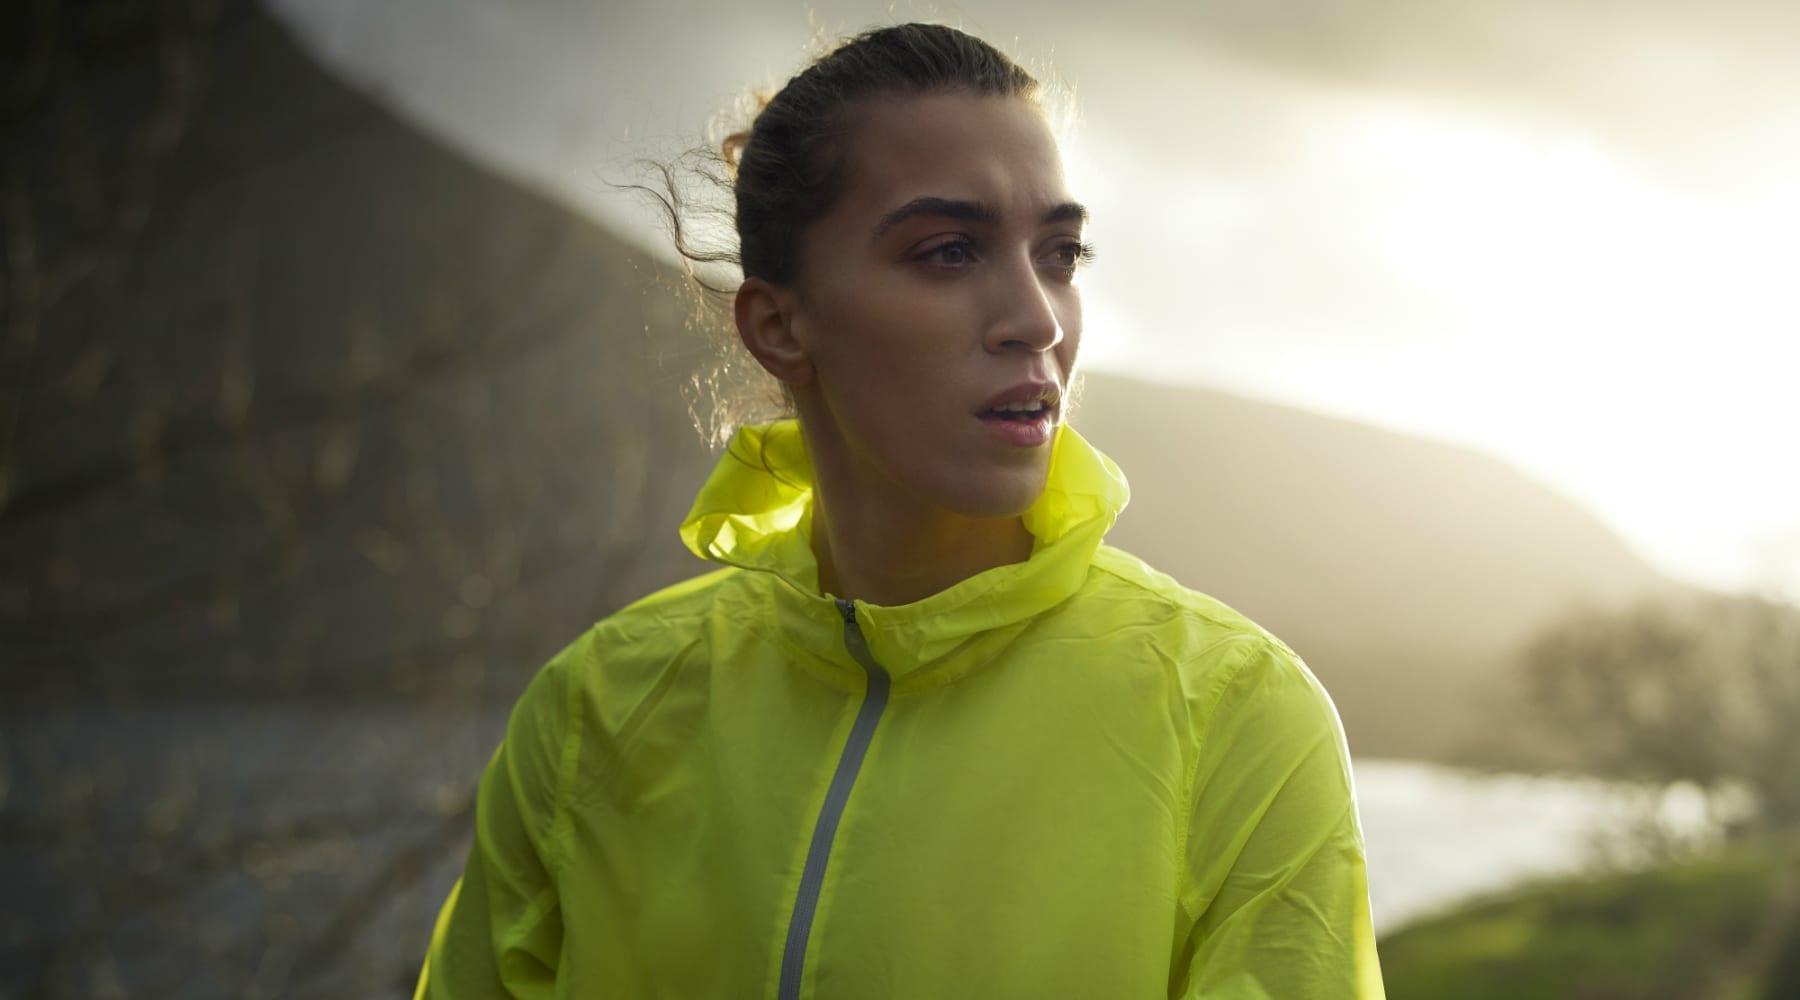 Crește-ți performanțele sportive | Suplimente care să te ducă mai aproape de obiectivul dorit